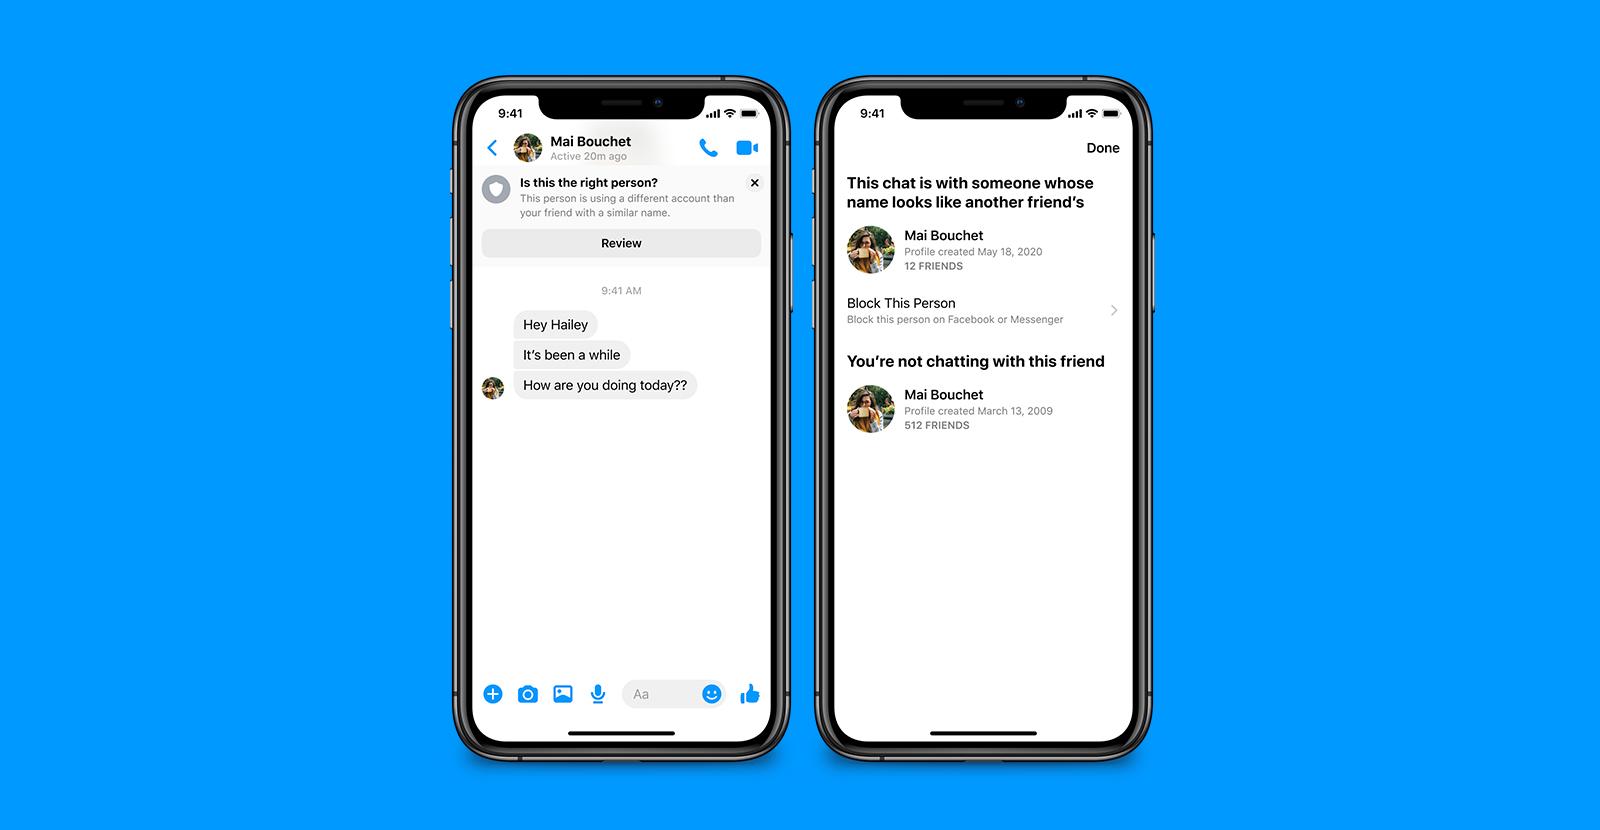 Exemple de message d'alerte lorsqu'une personne se faisant passer pour un(e) ami(e) vous contacter sur Messenger